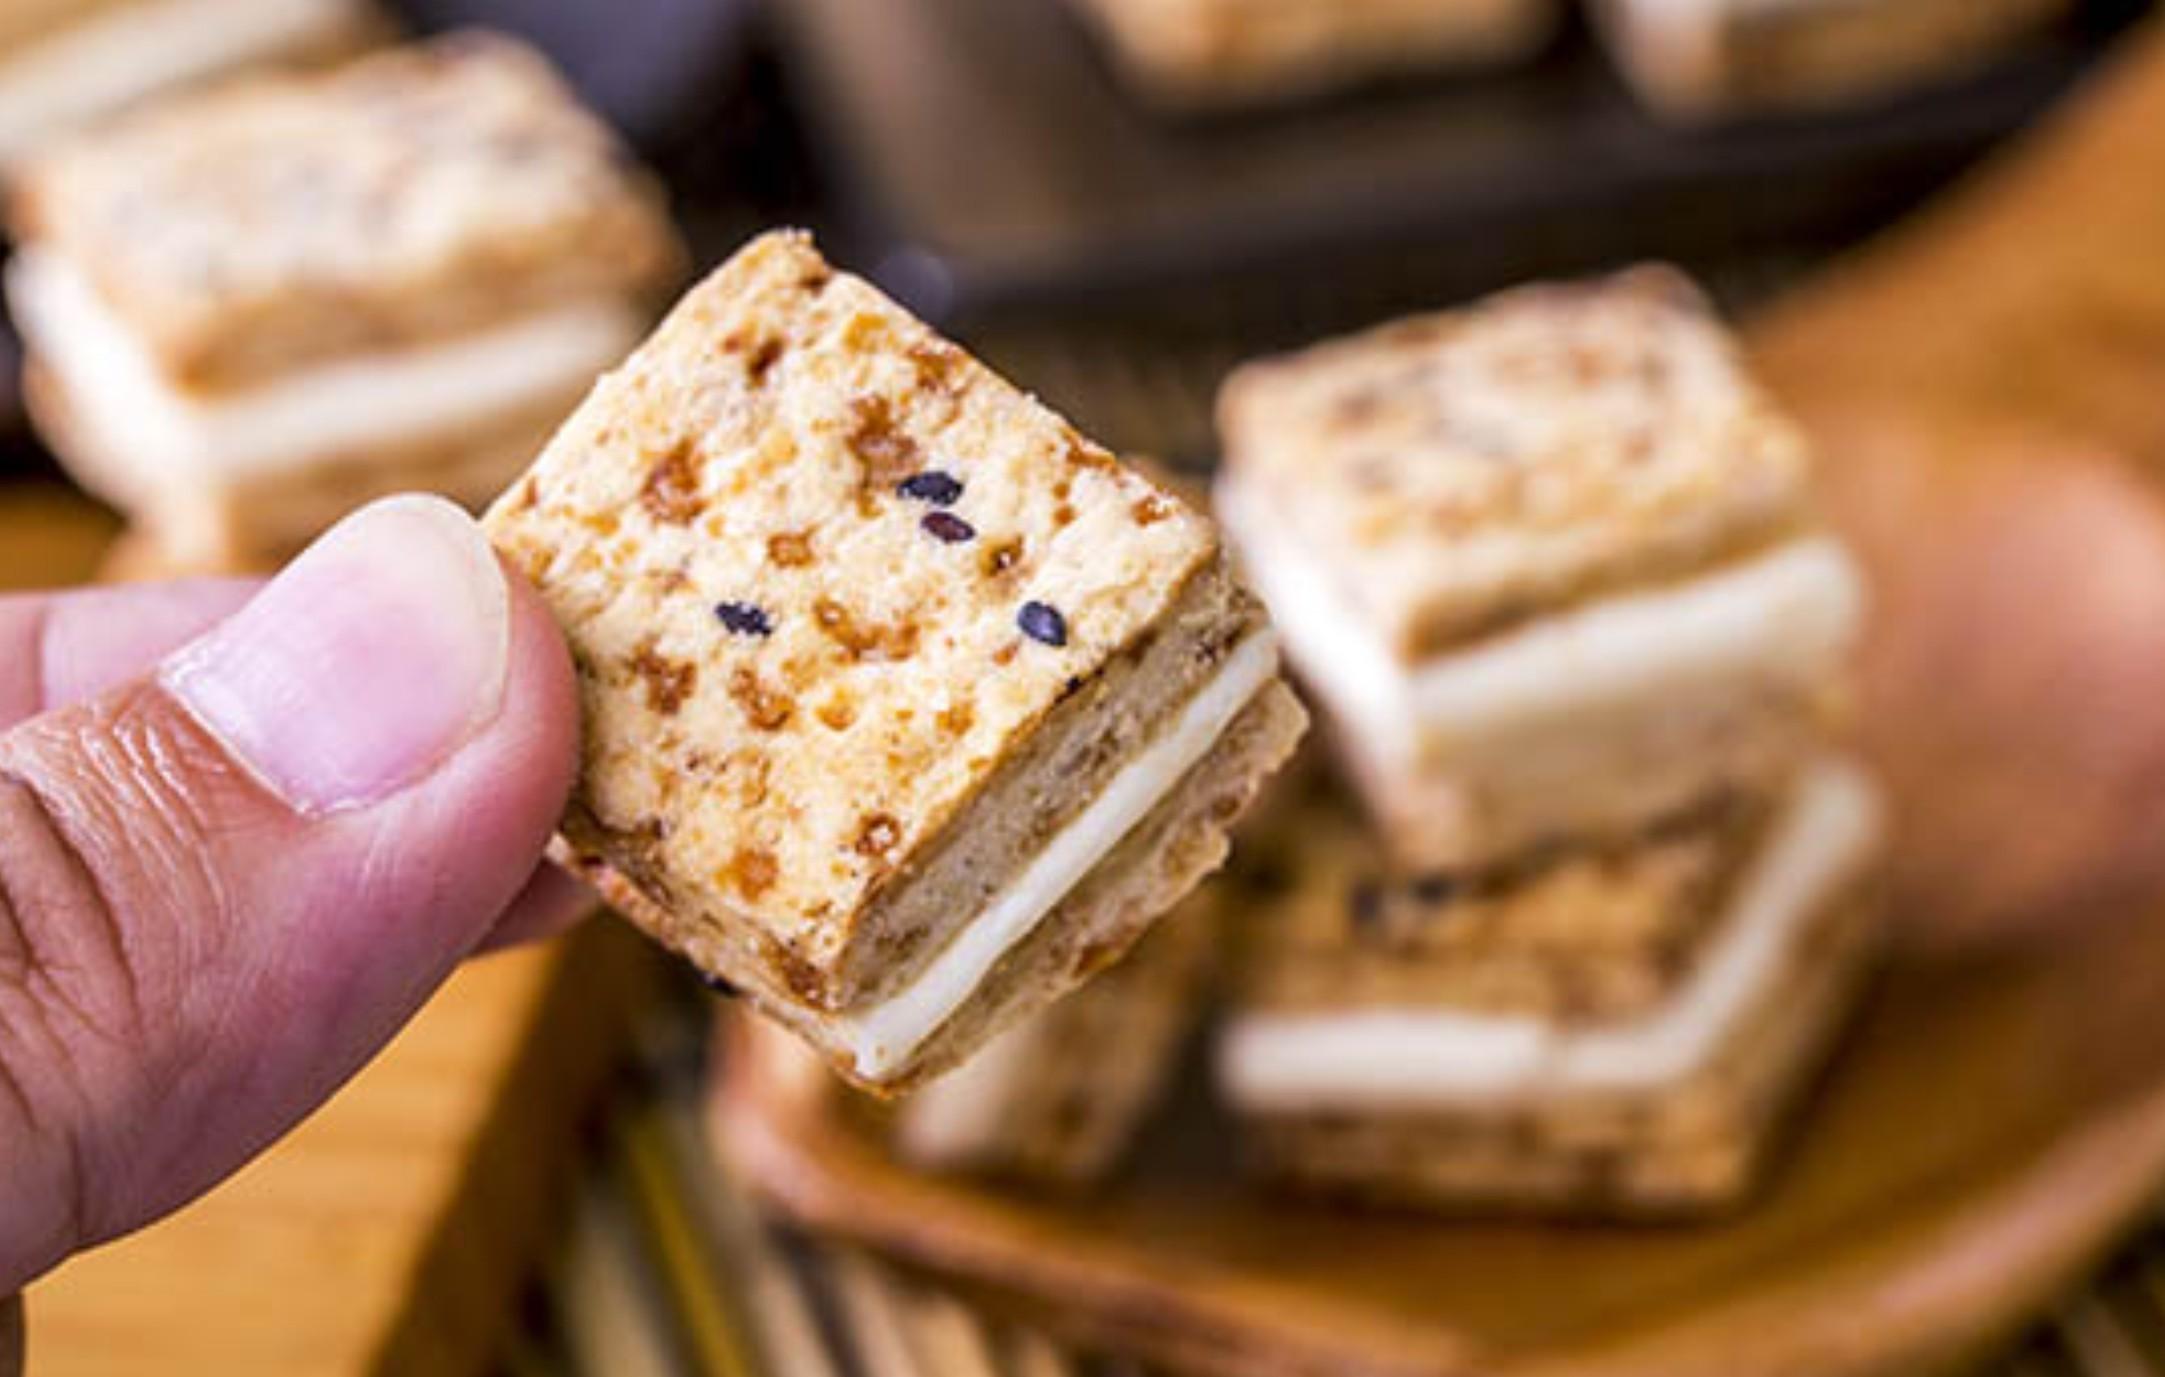 【蘿蒂烘焙坊】爆漿牛軋糖方塊一口酥 (低糖/低熱量)/9包免運組   (即日滿20包送1包呦)(可備註加購手提紙袋2元)